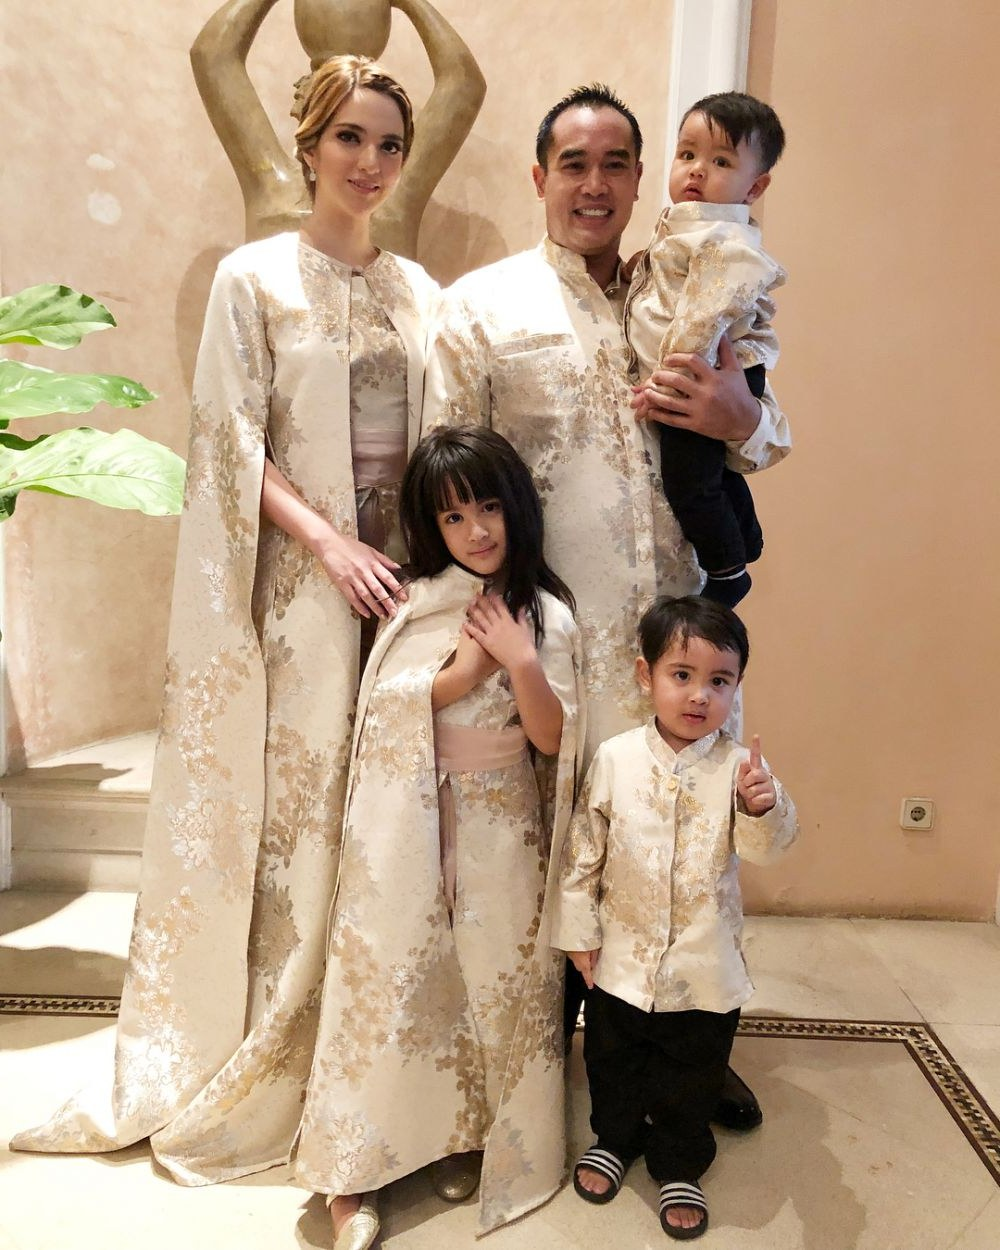 Model Baju Lebaran Seragam Keluarga Gdd0 Potret 16 Seleb Pakai Baju Kembaran Saat Lebaran Kompak Abis